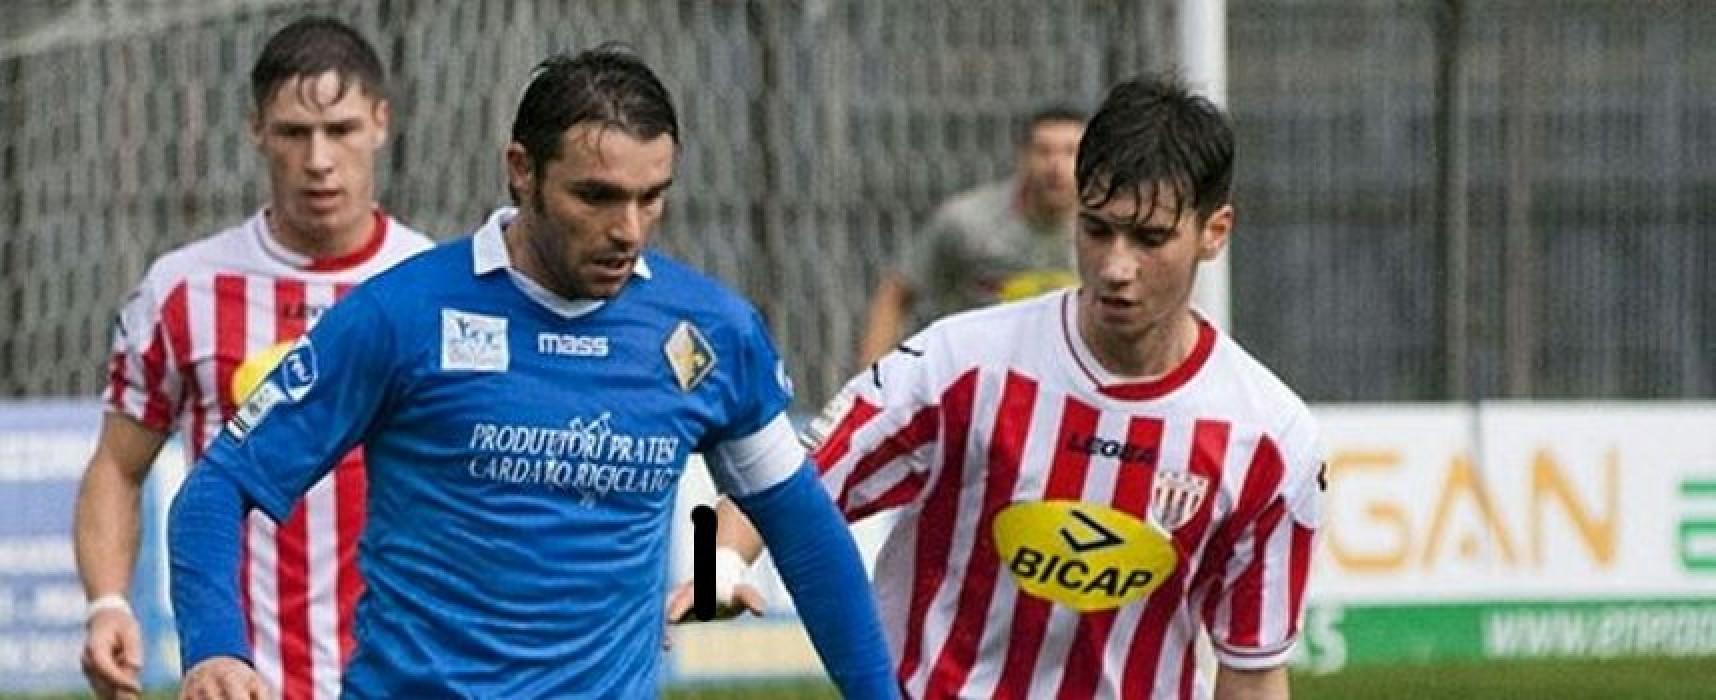 Calcio: la favola del biscegliese Daniele Guglielmi acquistato dal Verona